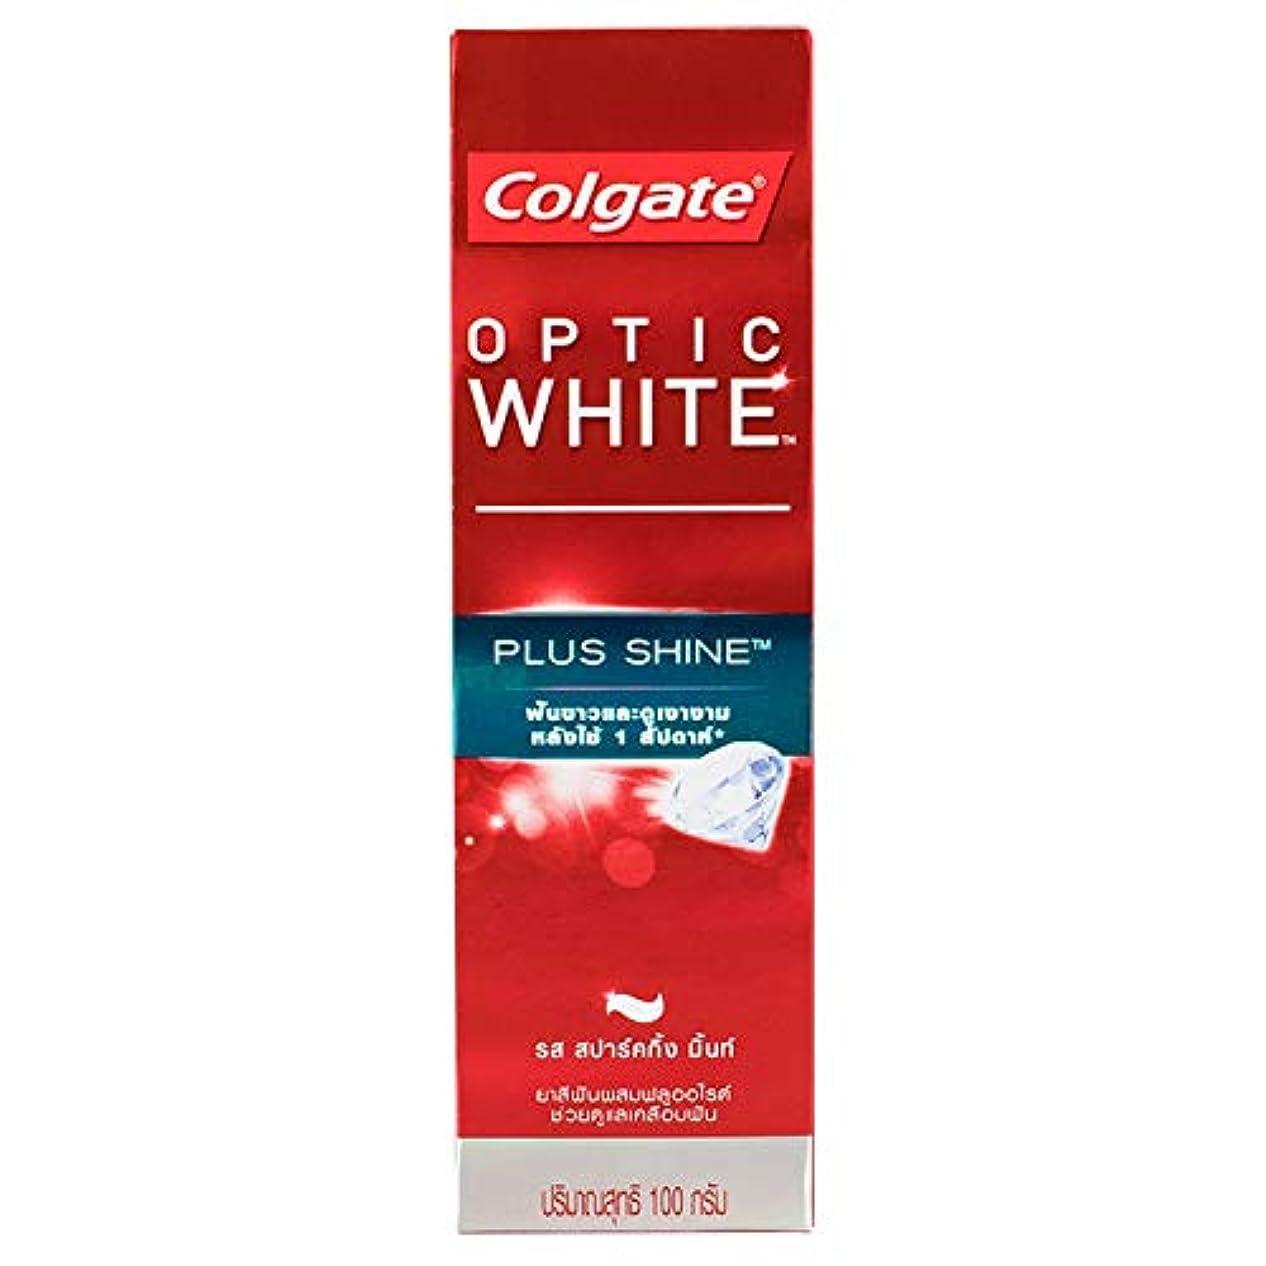 脊椎任命する傭兵(コルゲート)Colgate 歯磨き粉 「オプティック ホワイト 」 (プラス シャイン)